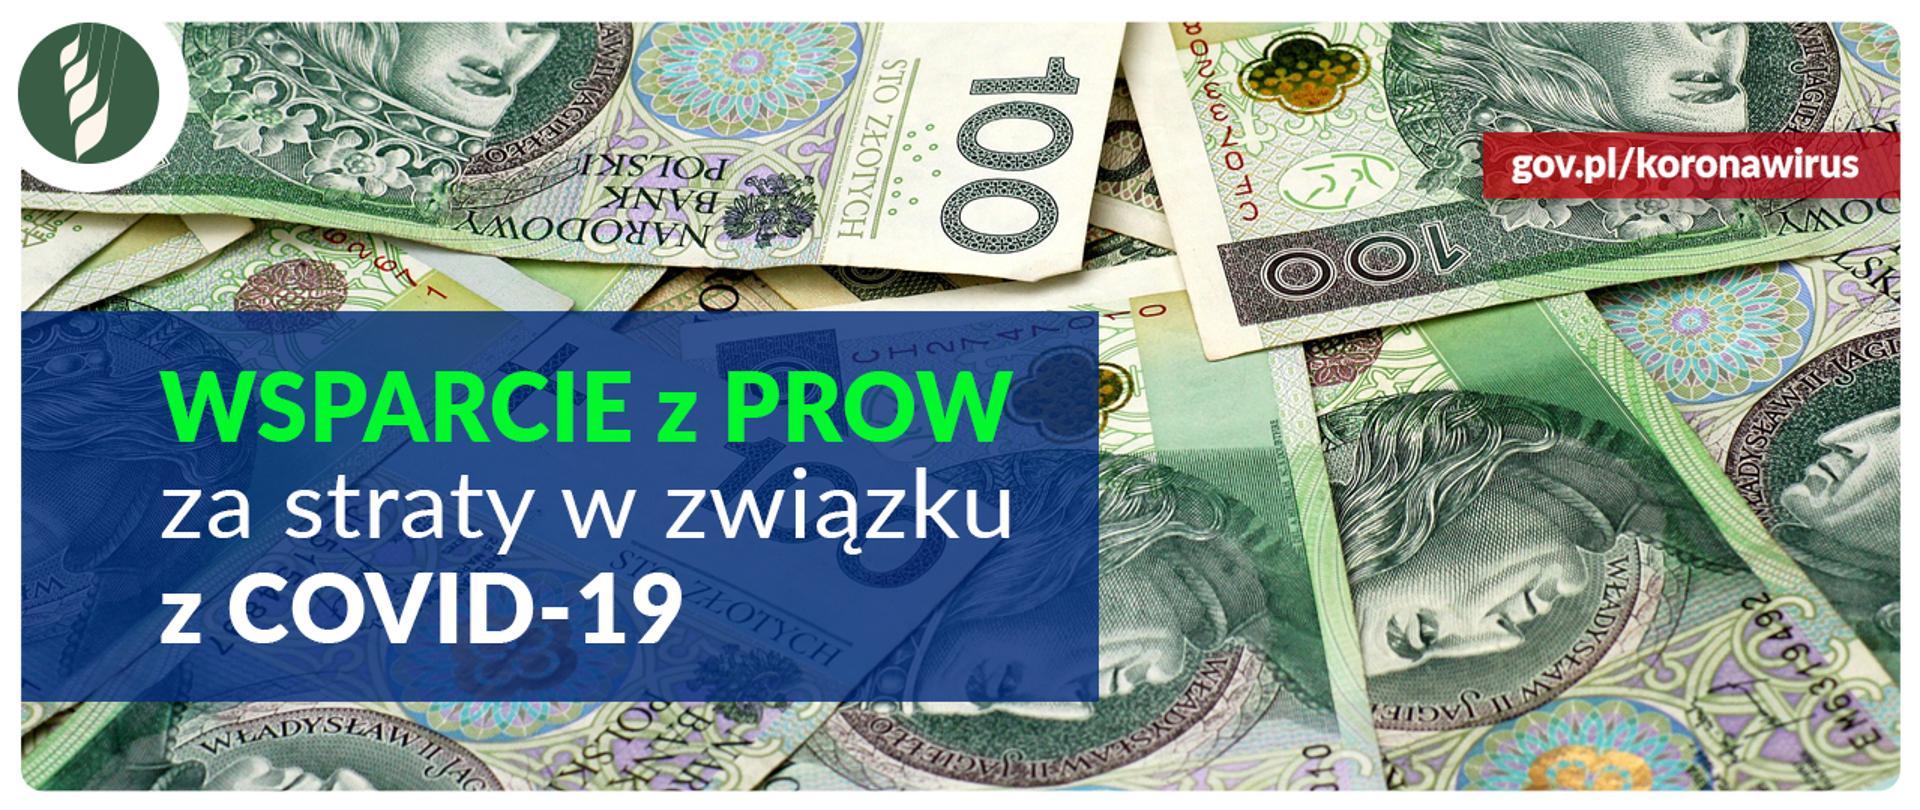 Będzie wsparcie z PROW za straty w związku z COVID-19